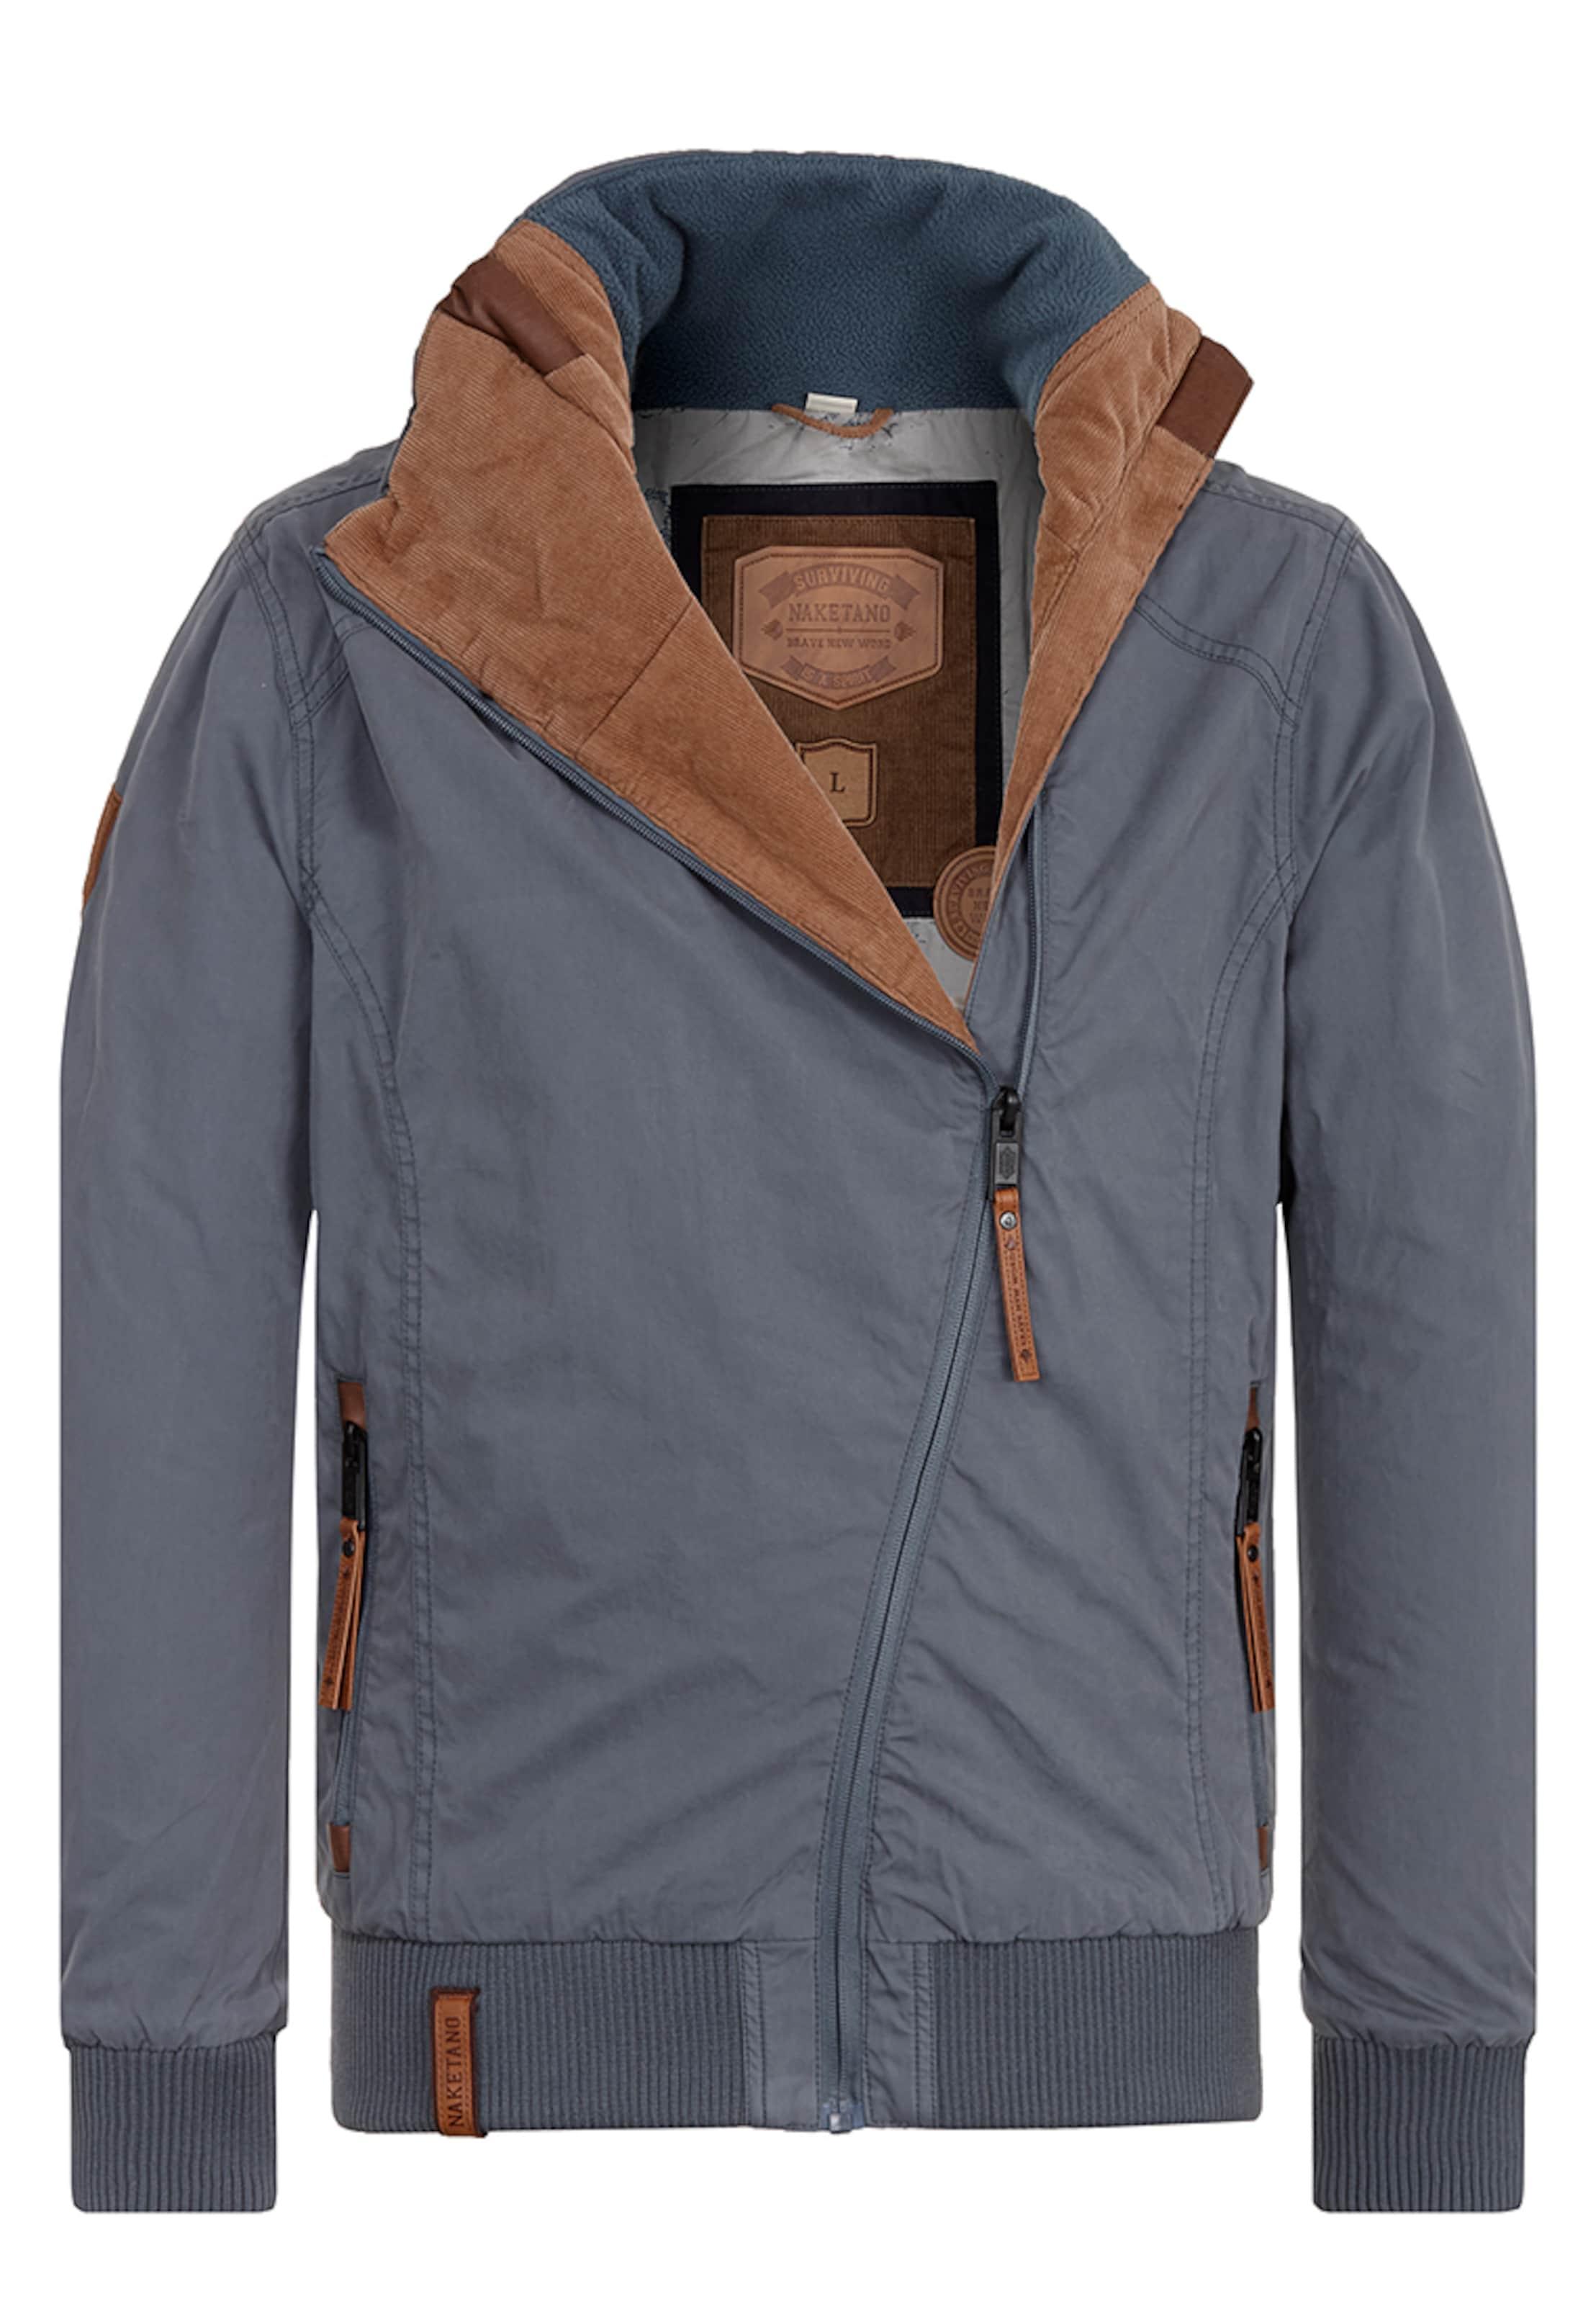 Freies Verschiffen Manchester naketano Jacke 'Zechenkind' Angebote Ausgezeichnet Billige Offizielle Seite Ebay Günstiger Preis mQH6BAud